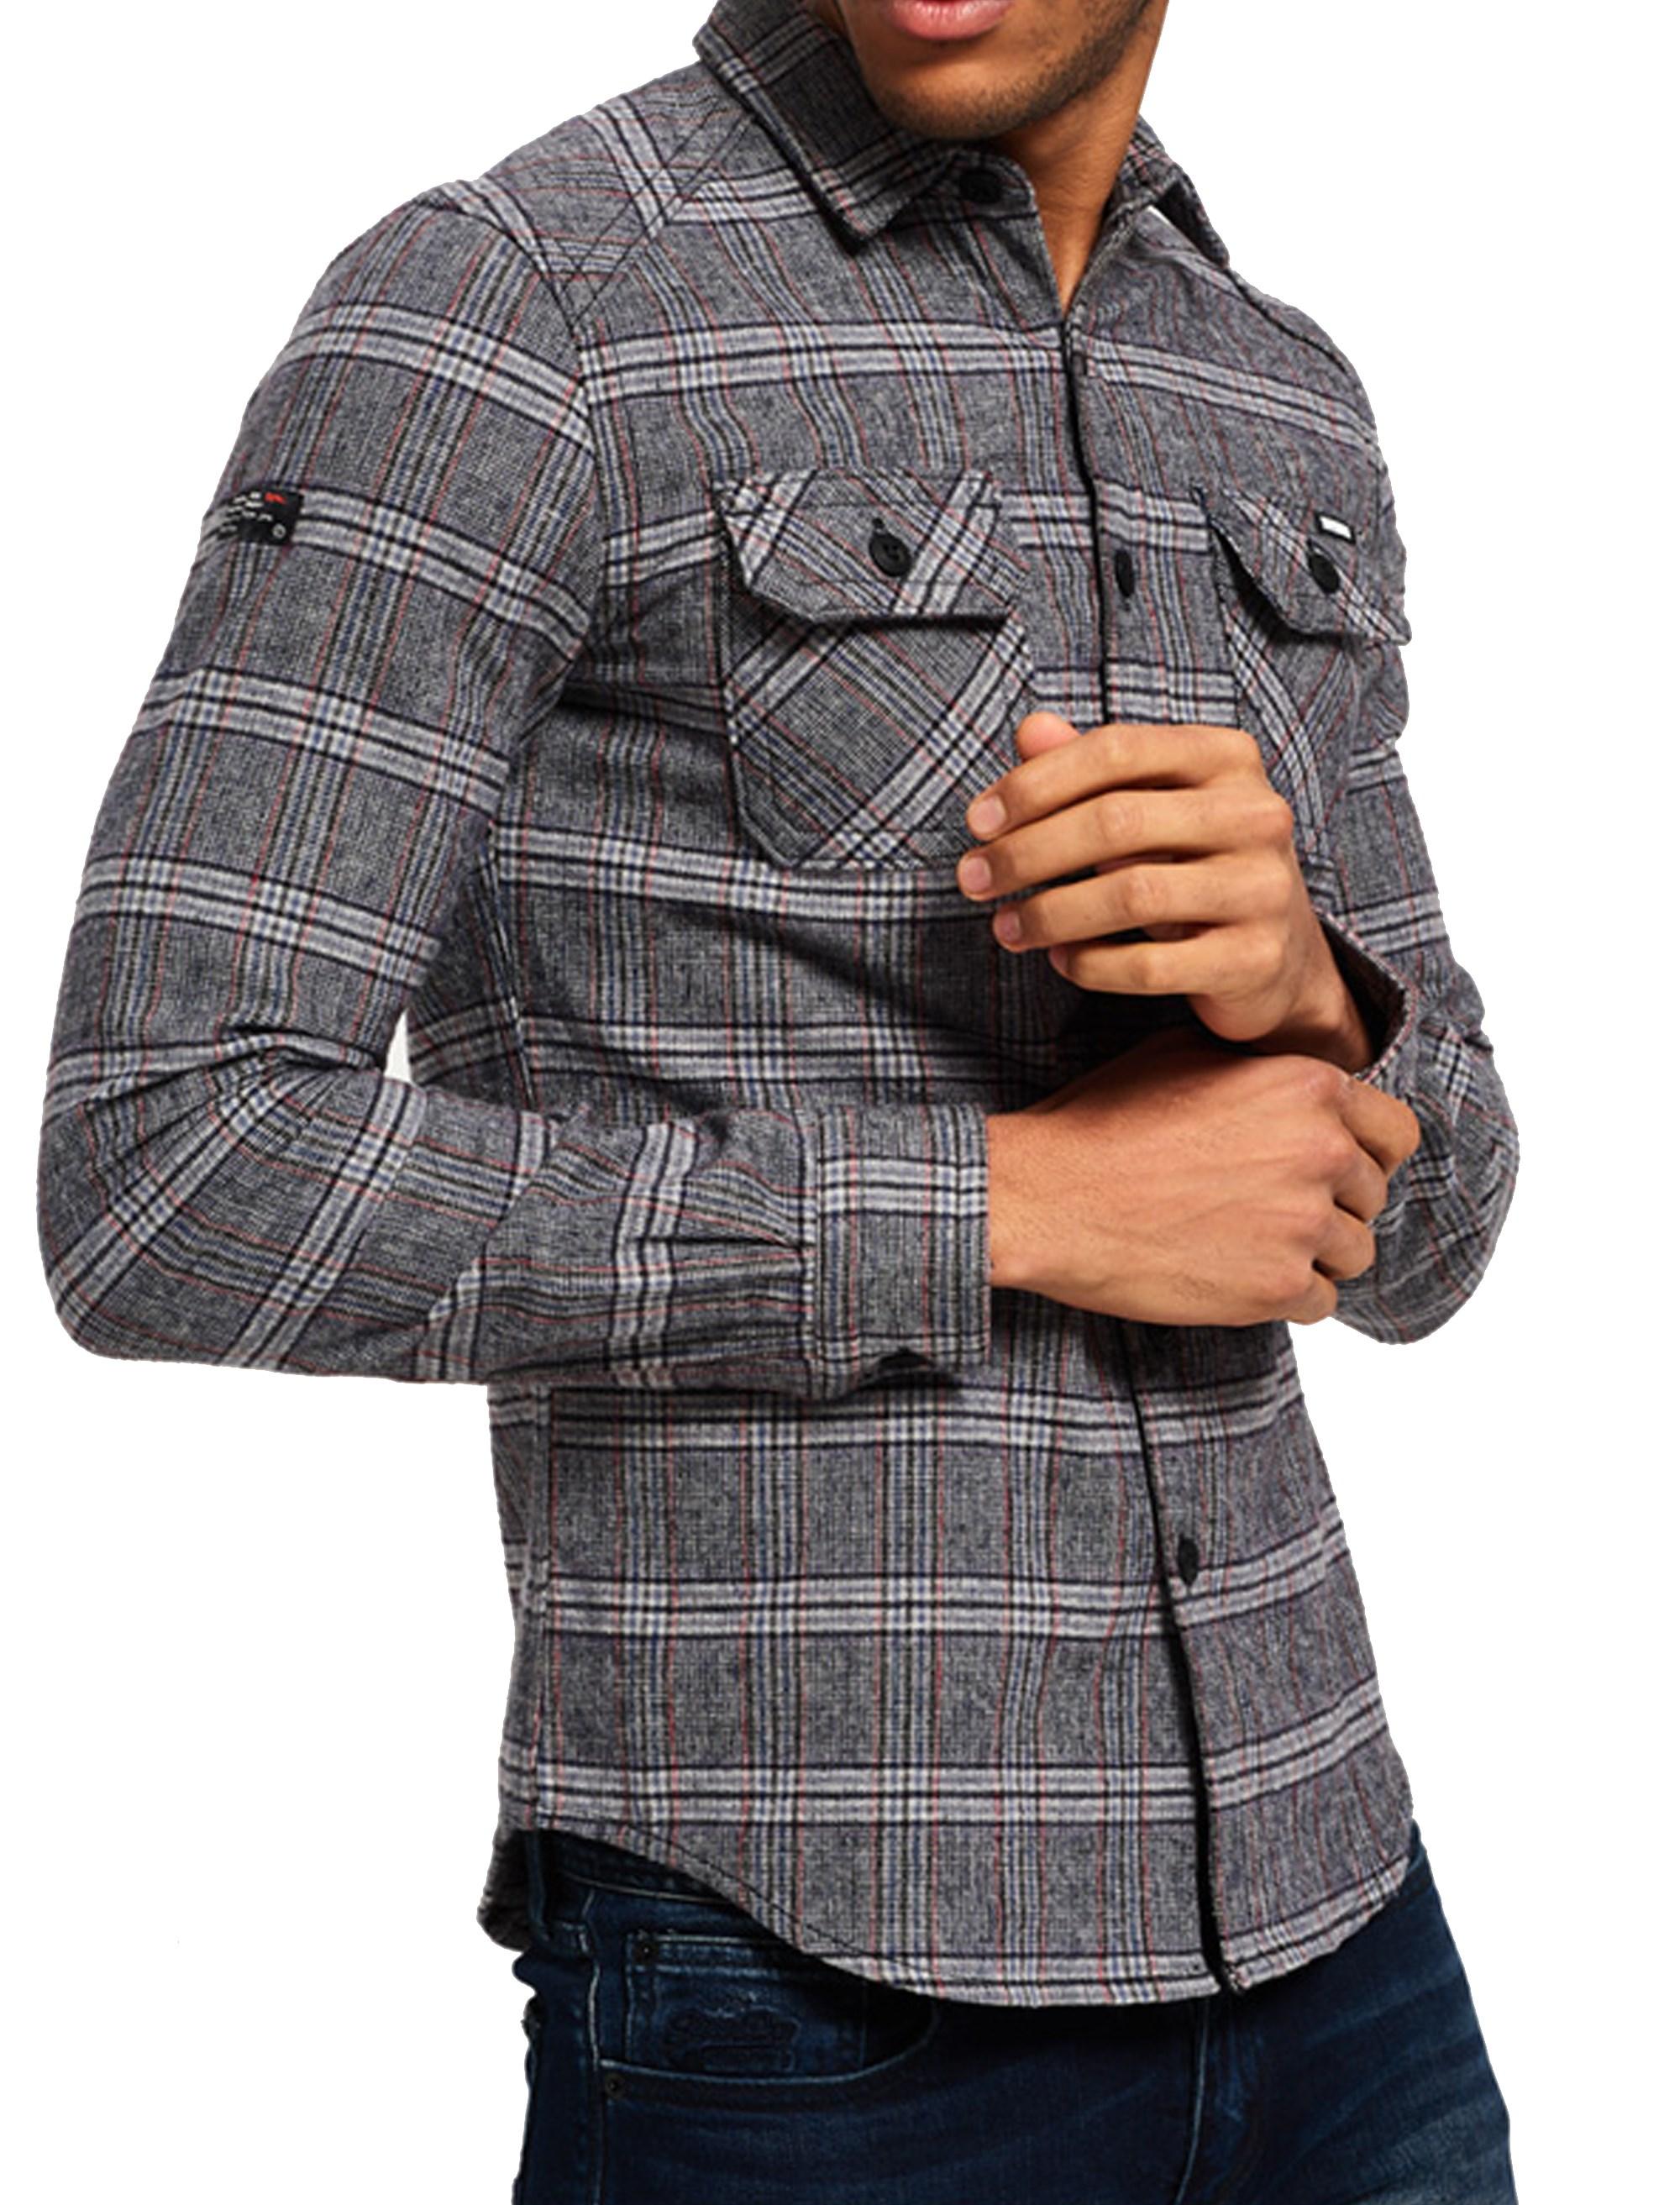 پیراهن نخی آستین بلند مردانه - طوسي - 2